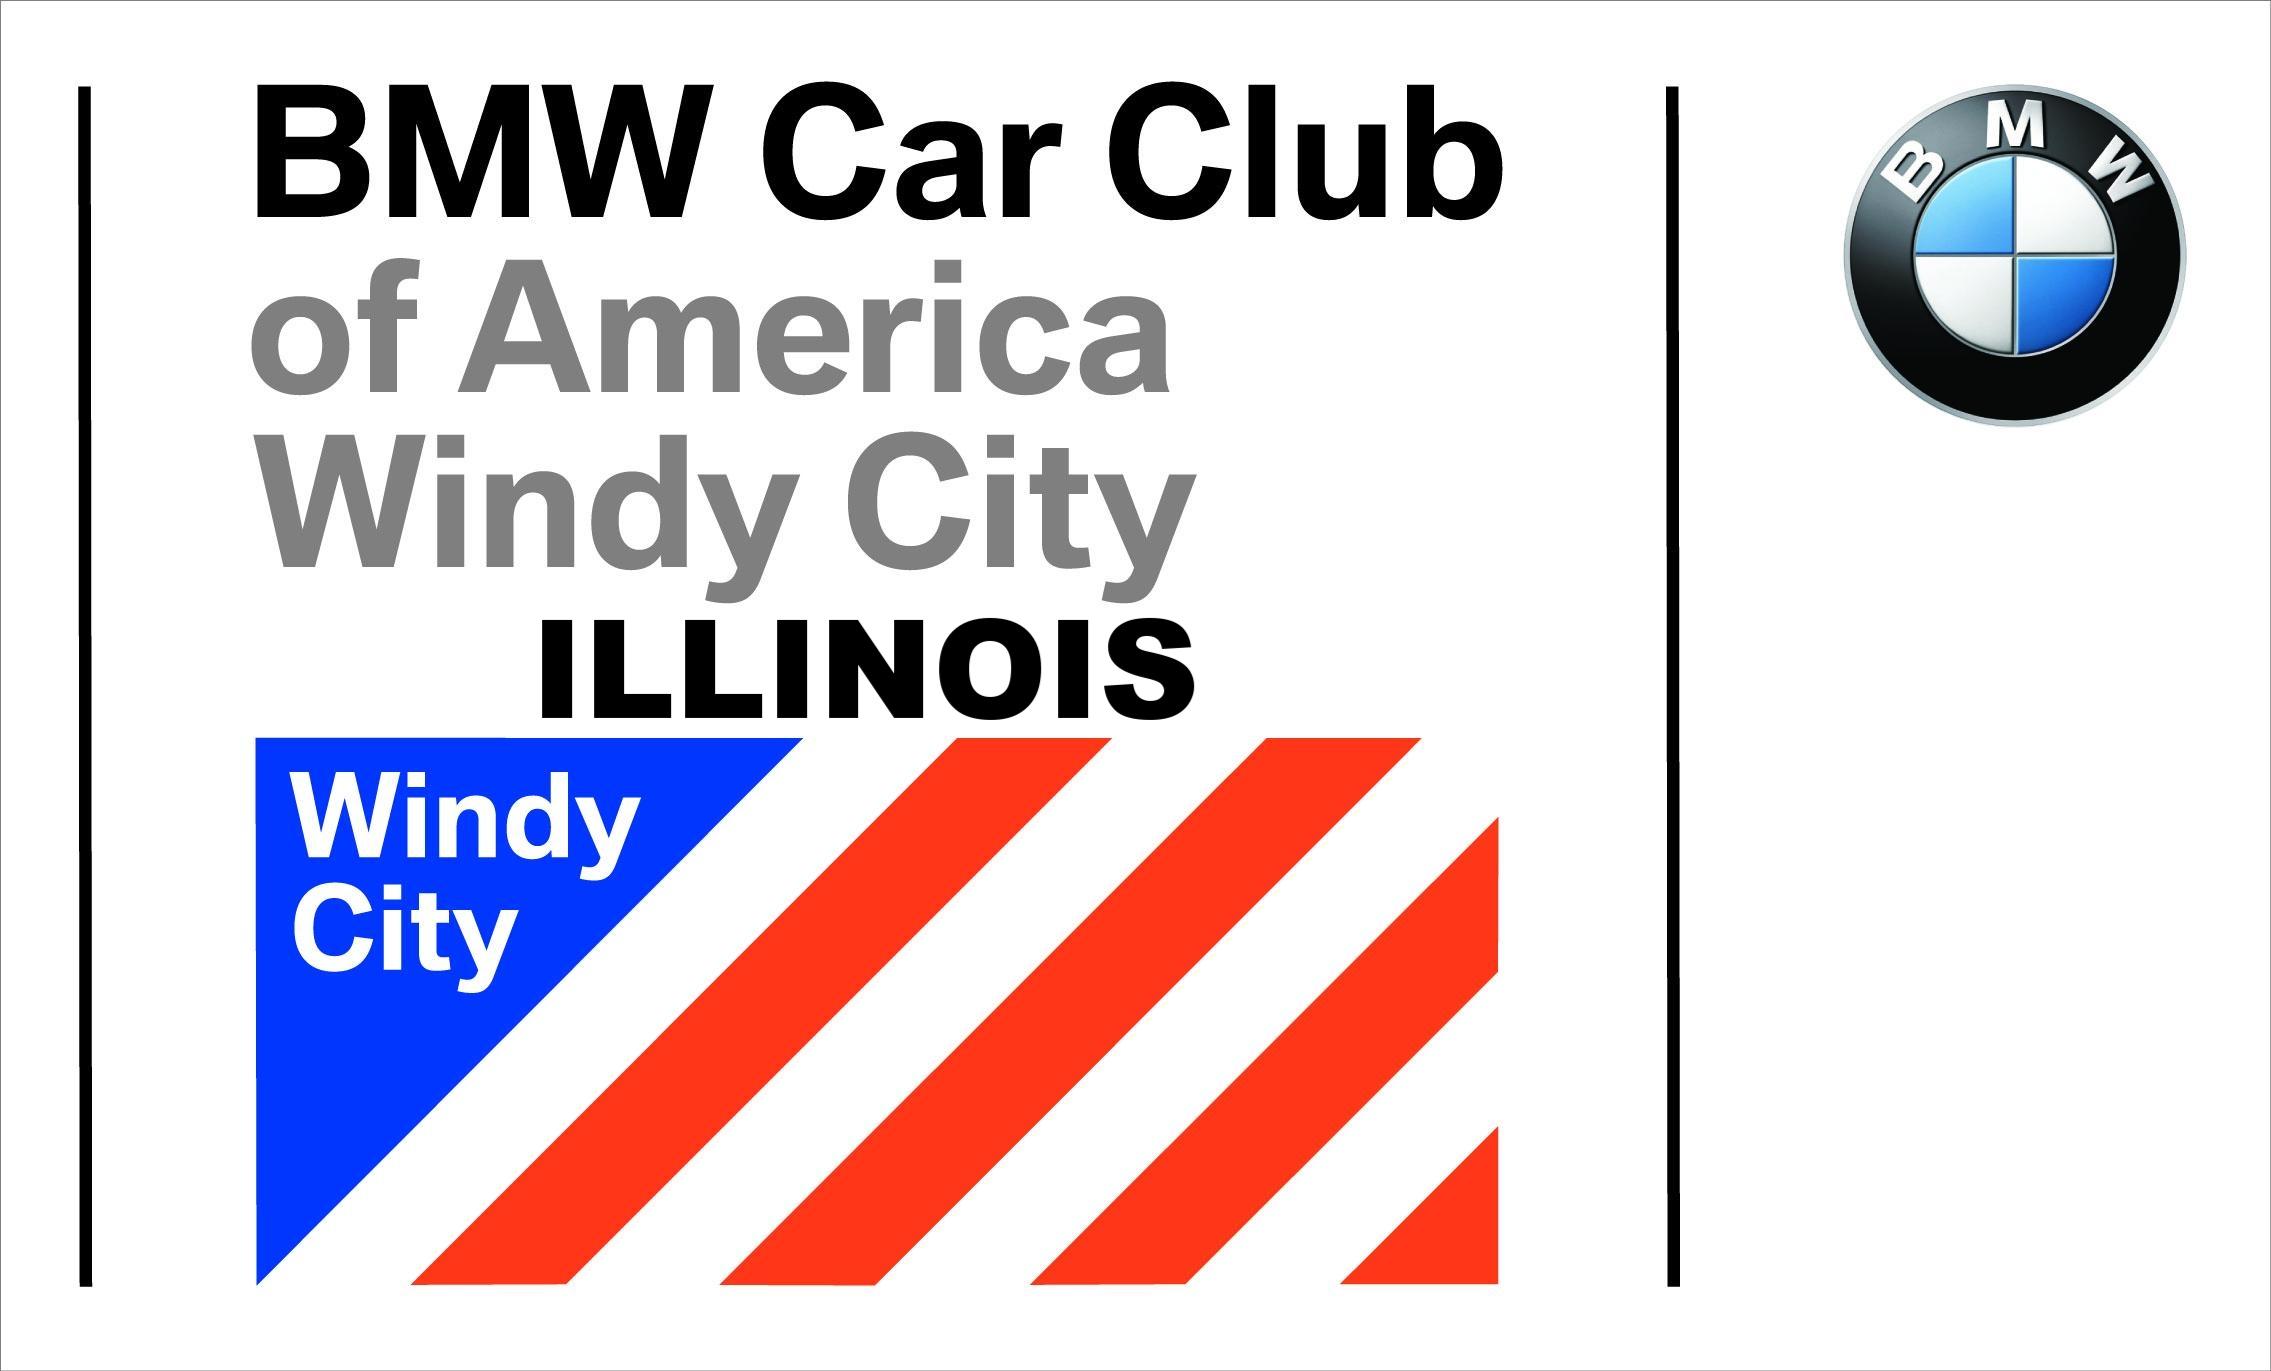 WINDY CITY BMW CAR CLUB